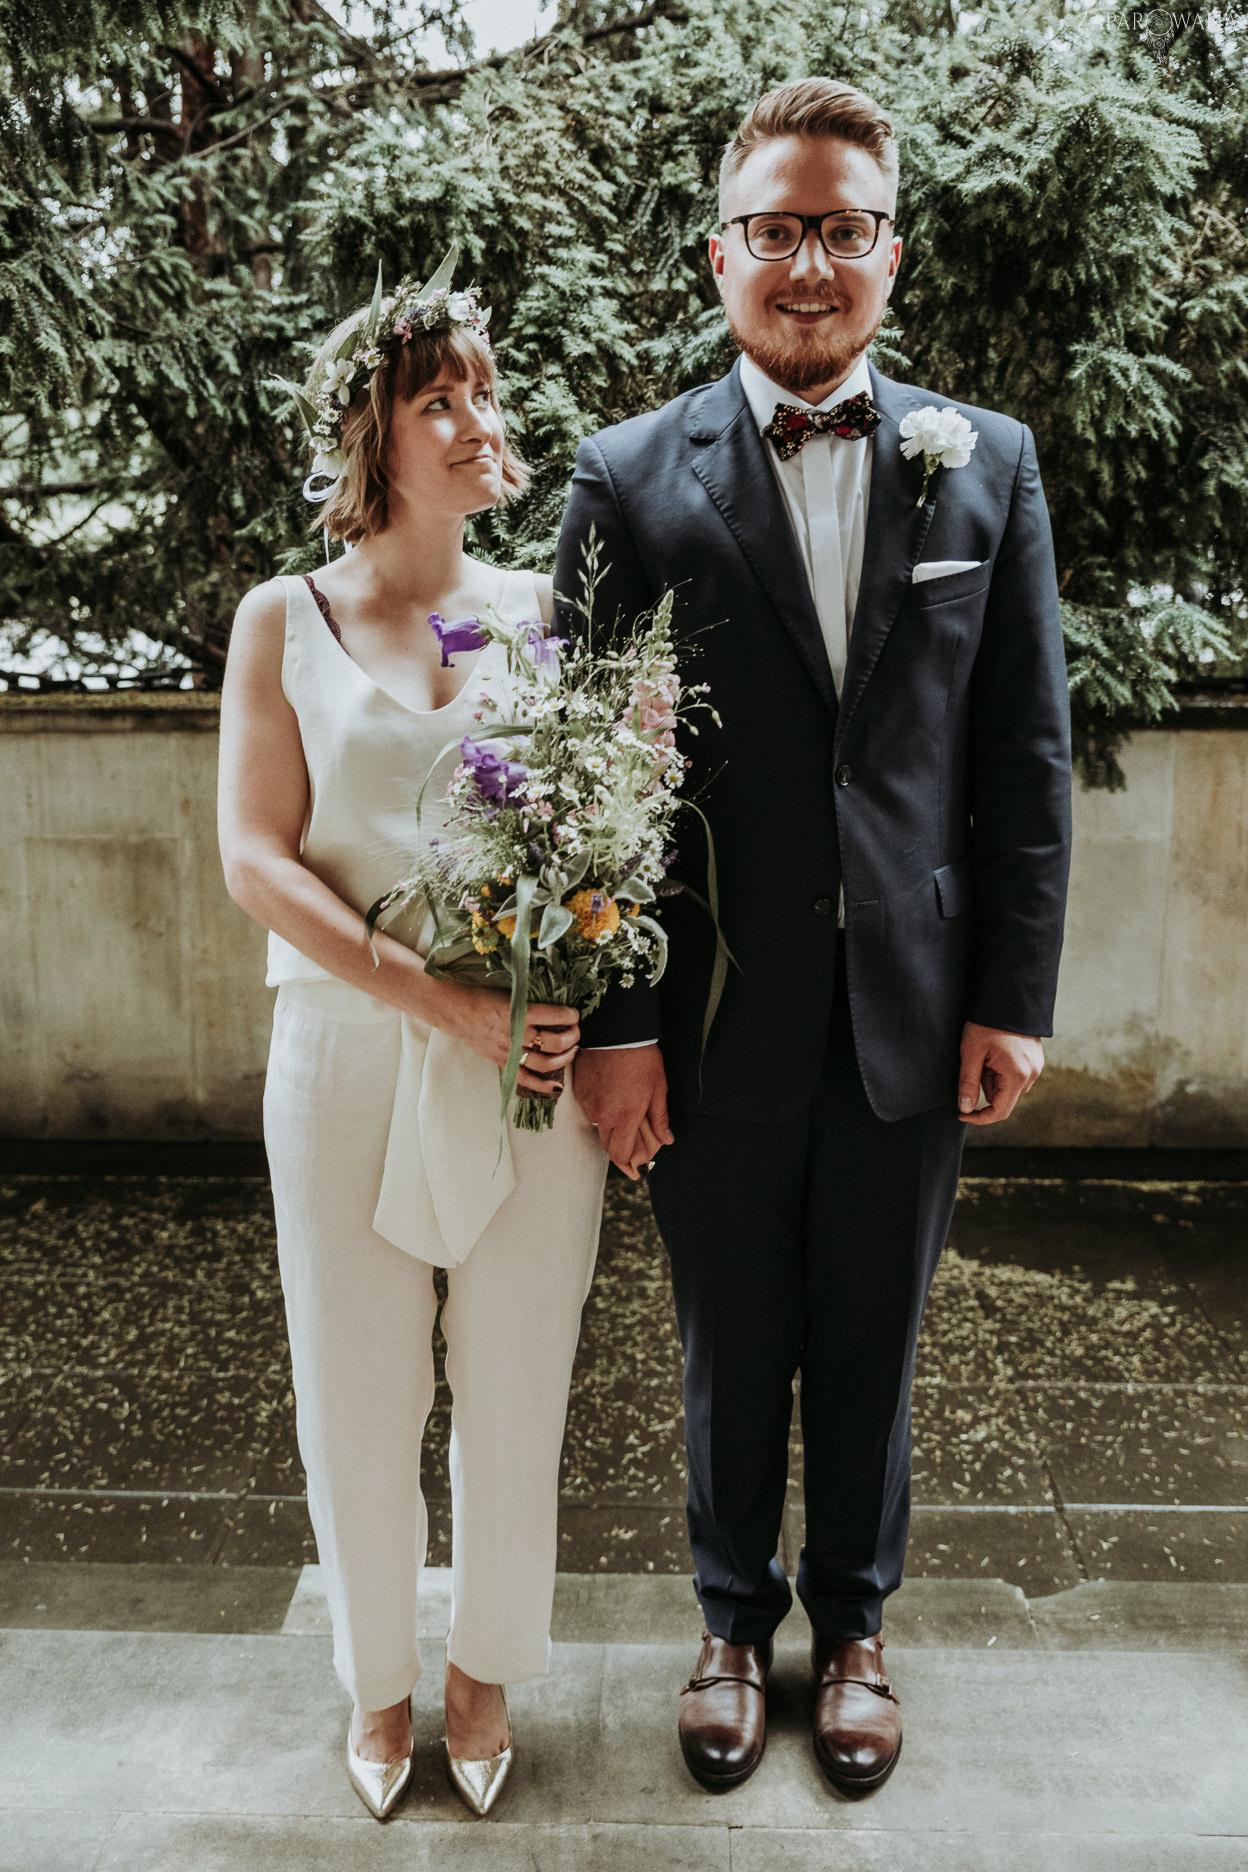 241 - ZAPAROWANA - Reportaż ślubny